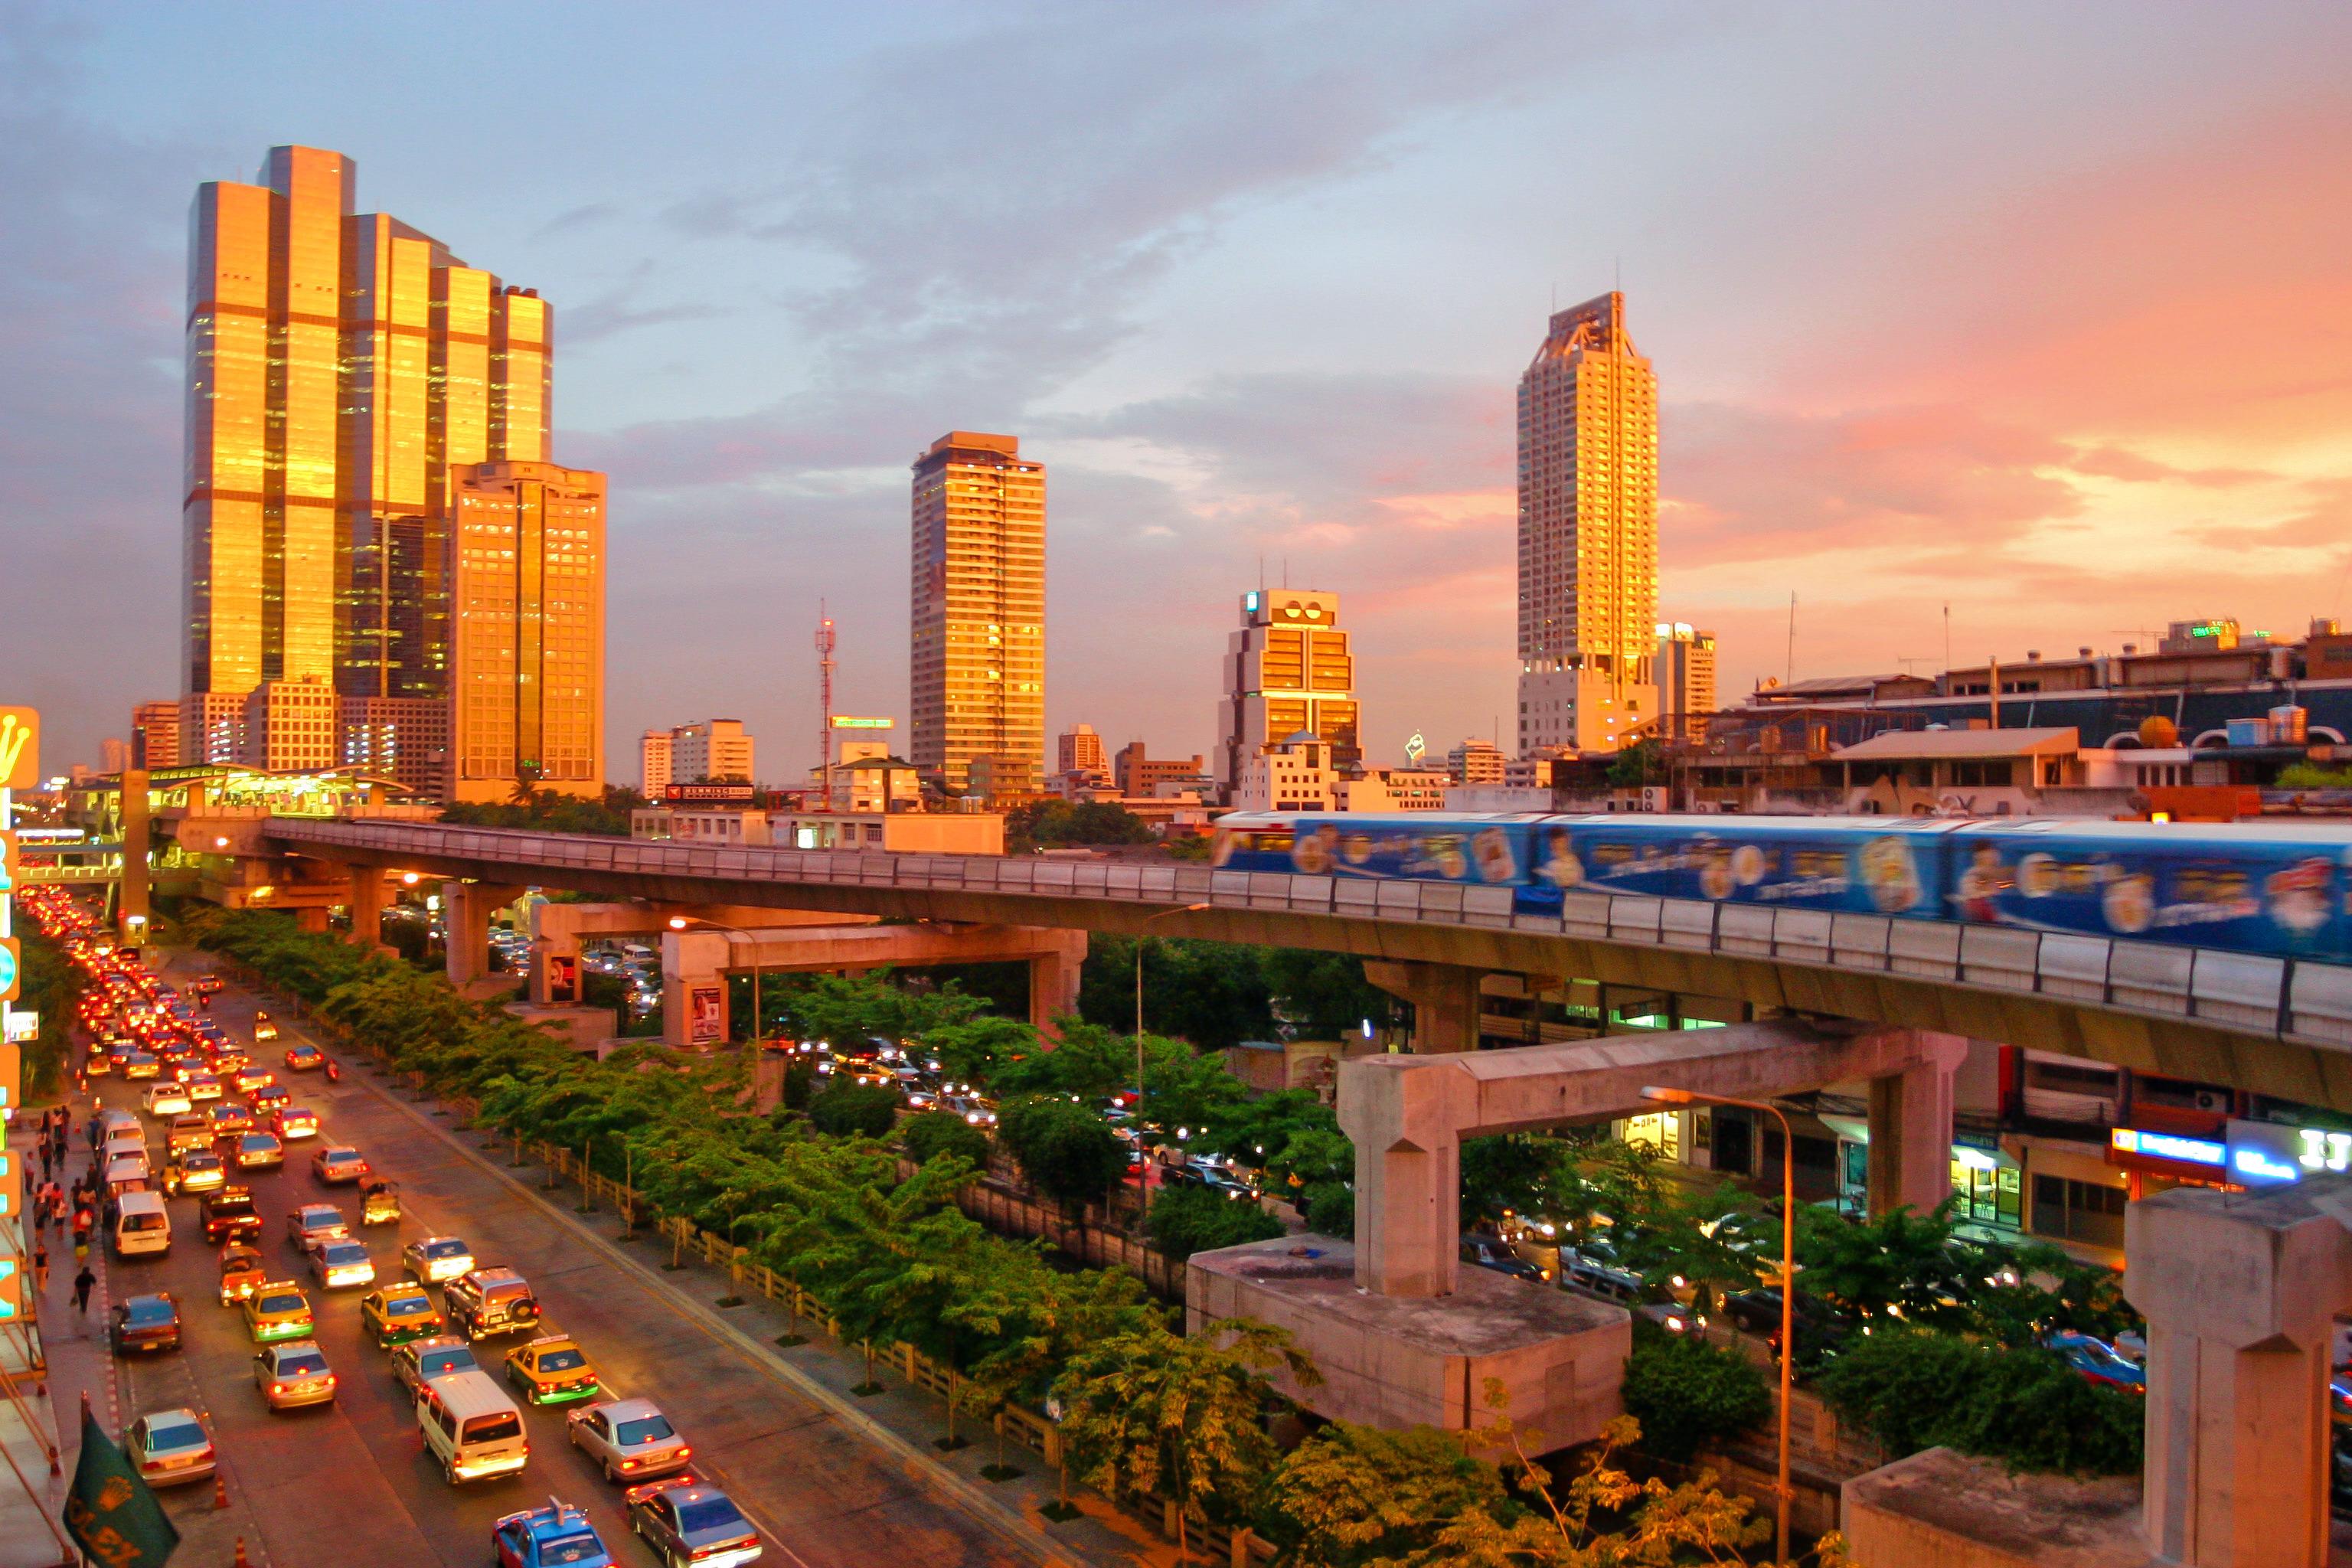 1503060563_bangkok_skytrain_sunset.jpg